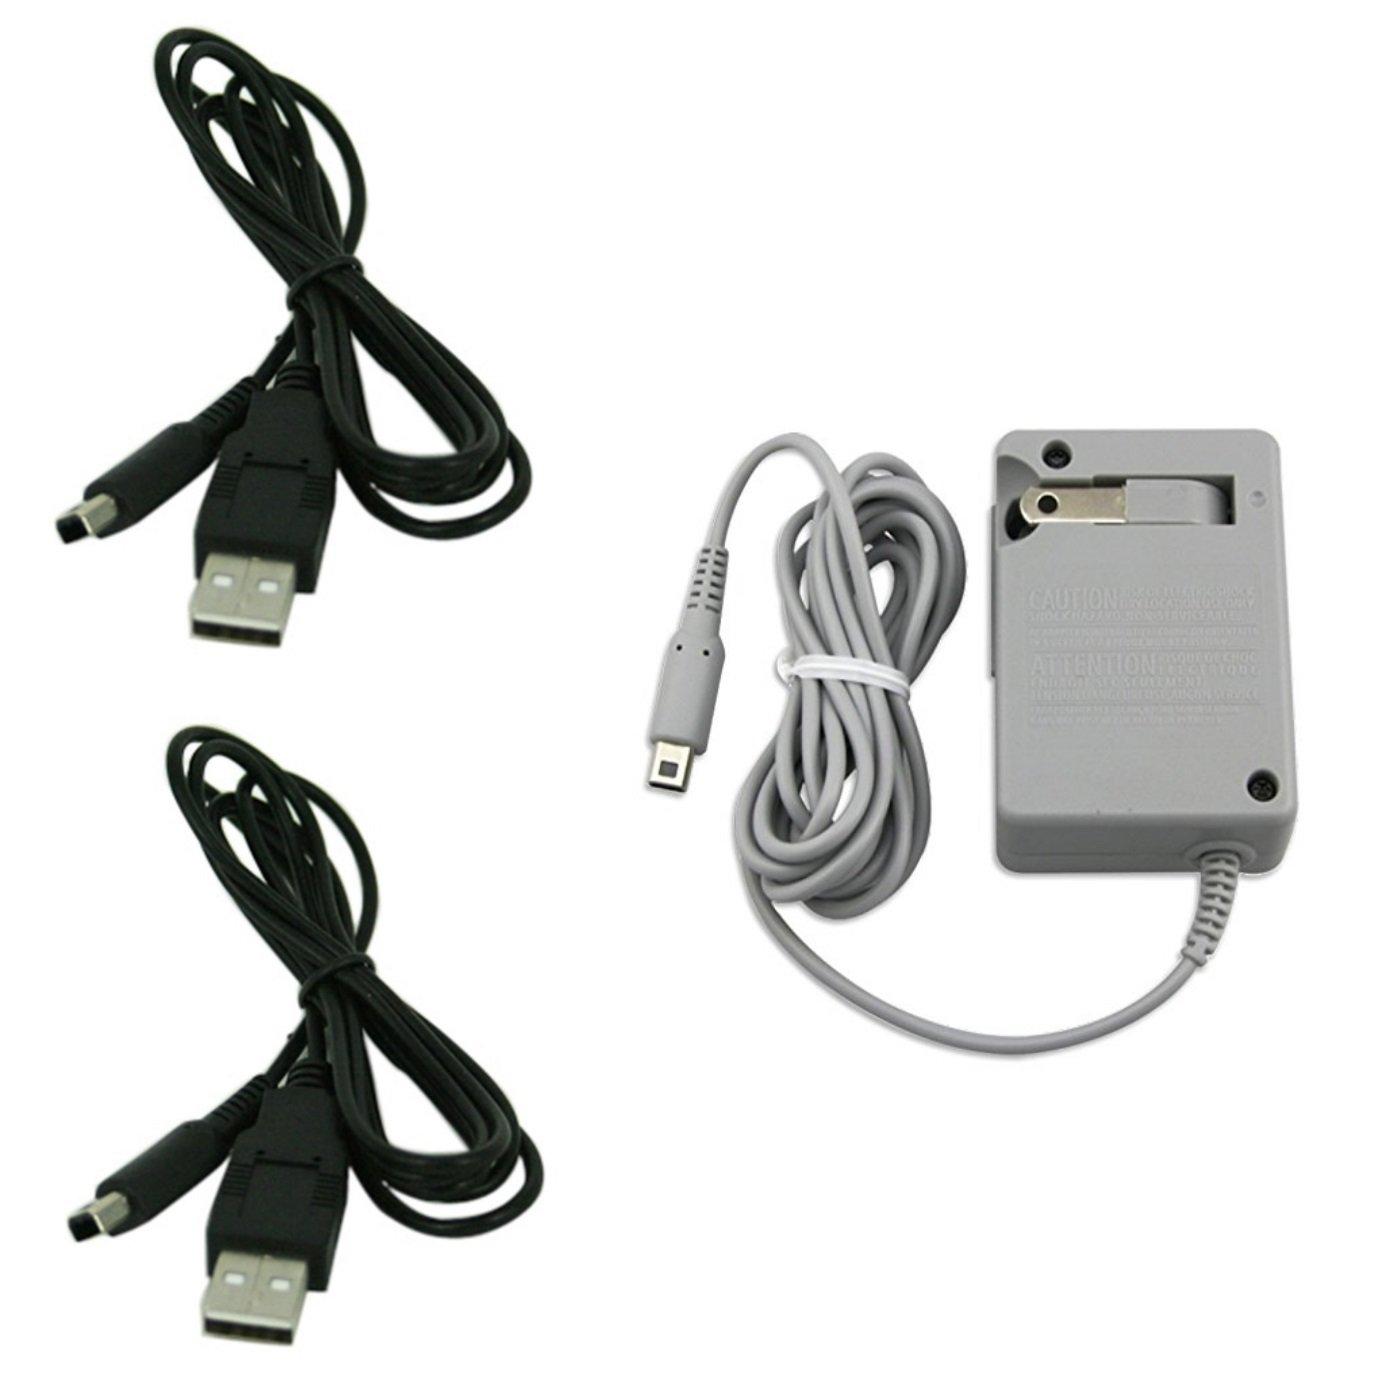 Amazon.com: AC Cargador de pared enchufe y 2 cables de ...